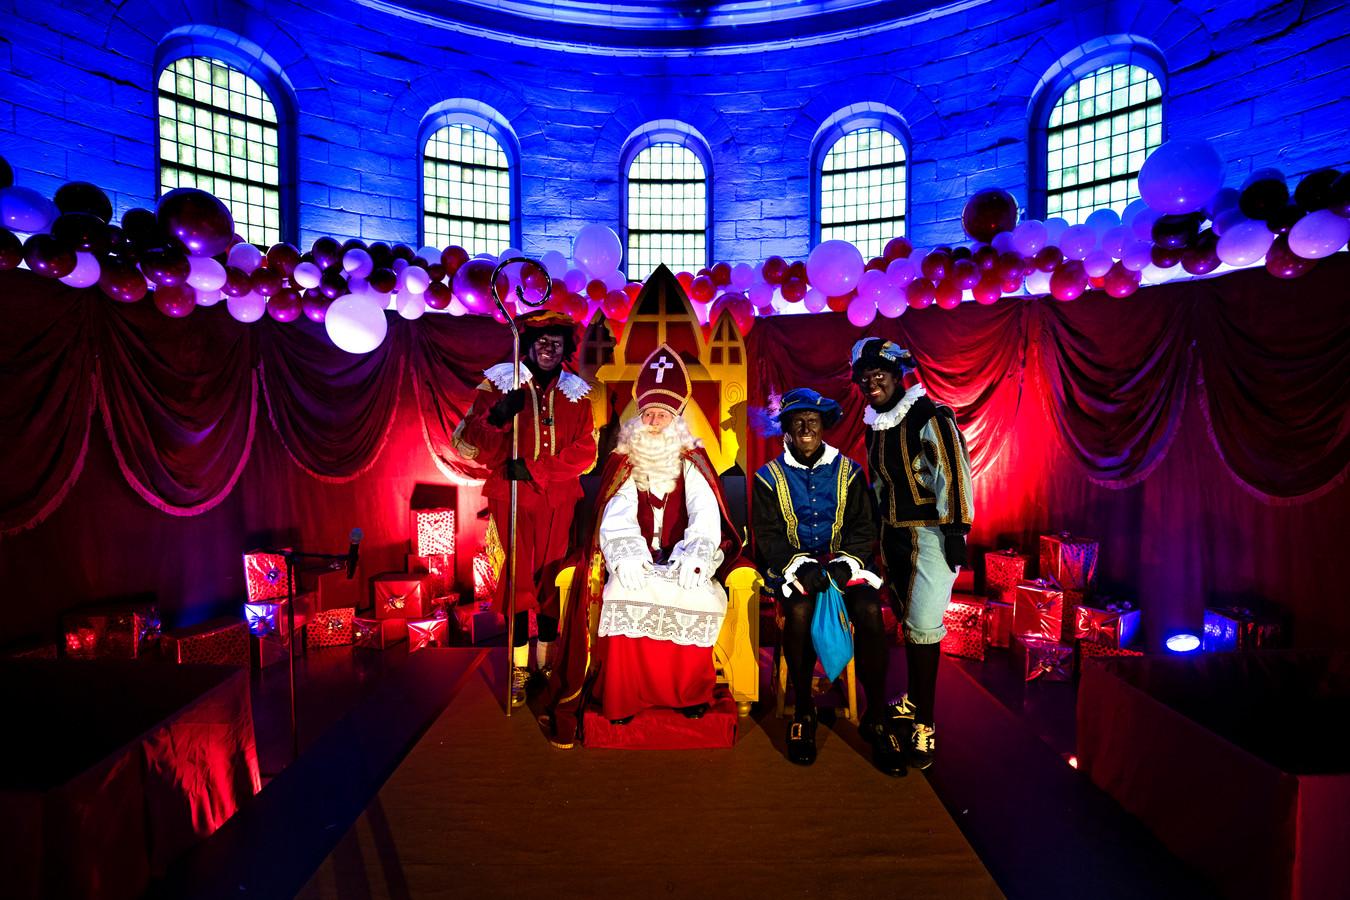 Opening Huis van Sinterklaas in de Steentjeskerk in Eindhoven.